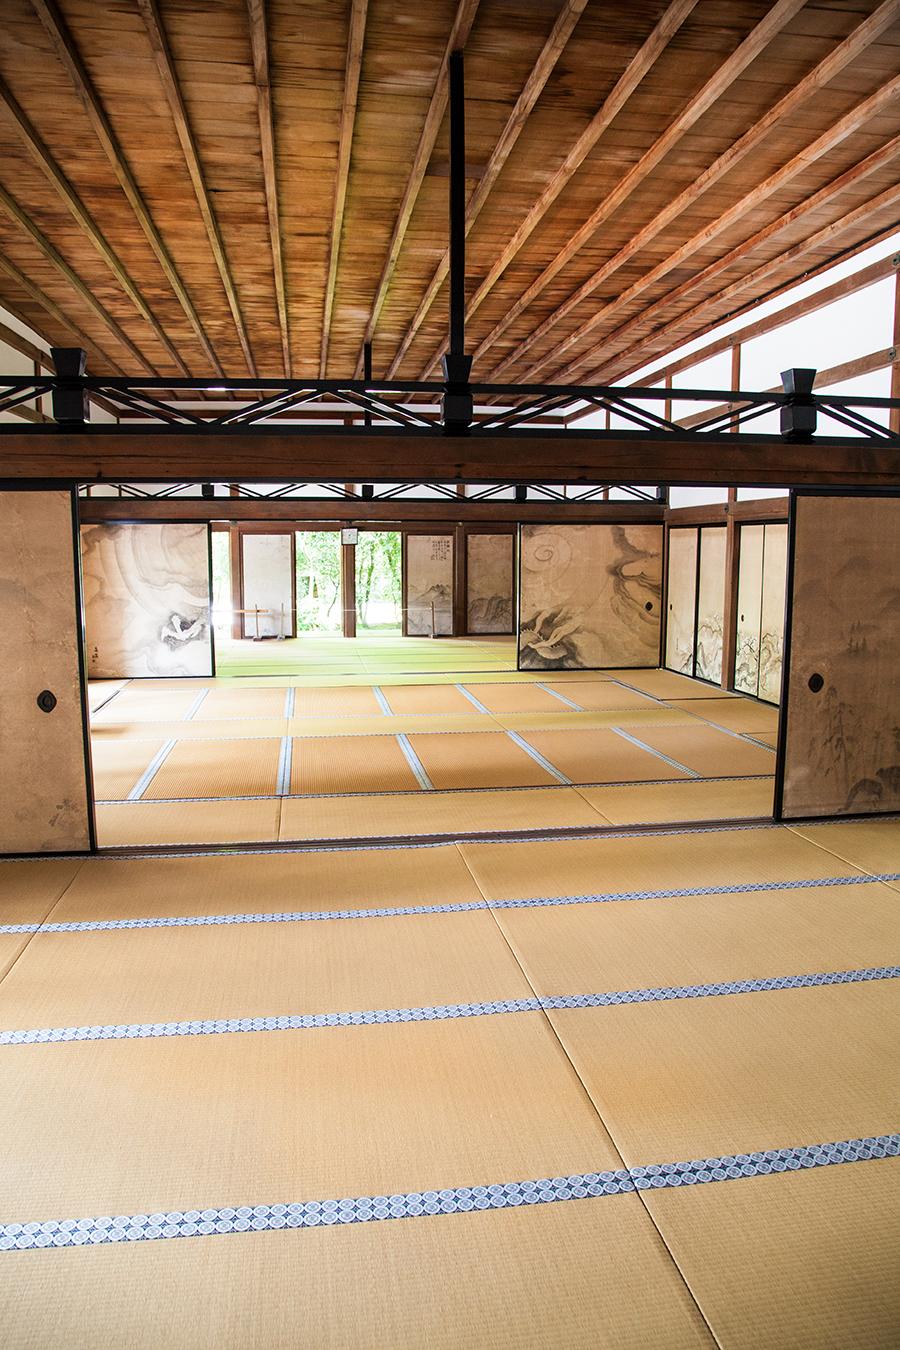 interni edifici kyoto